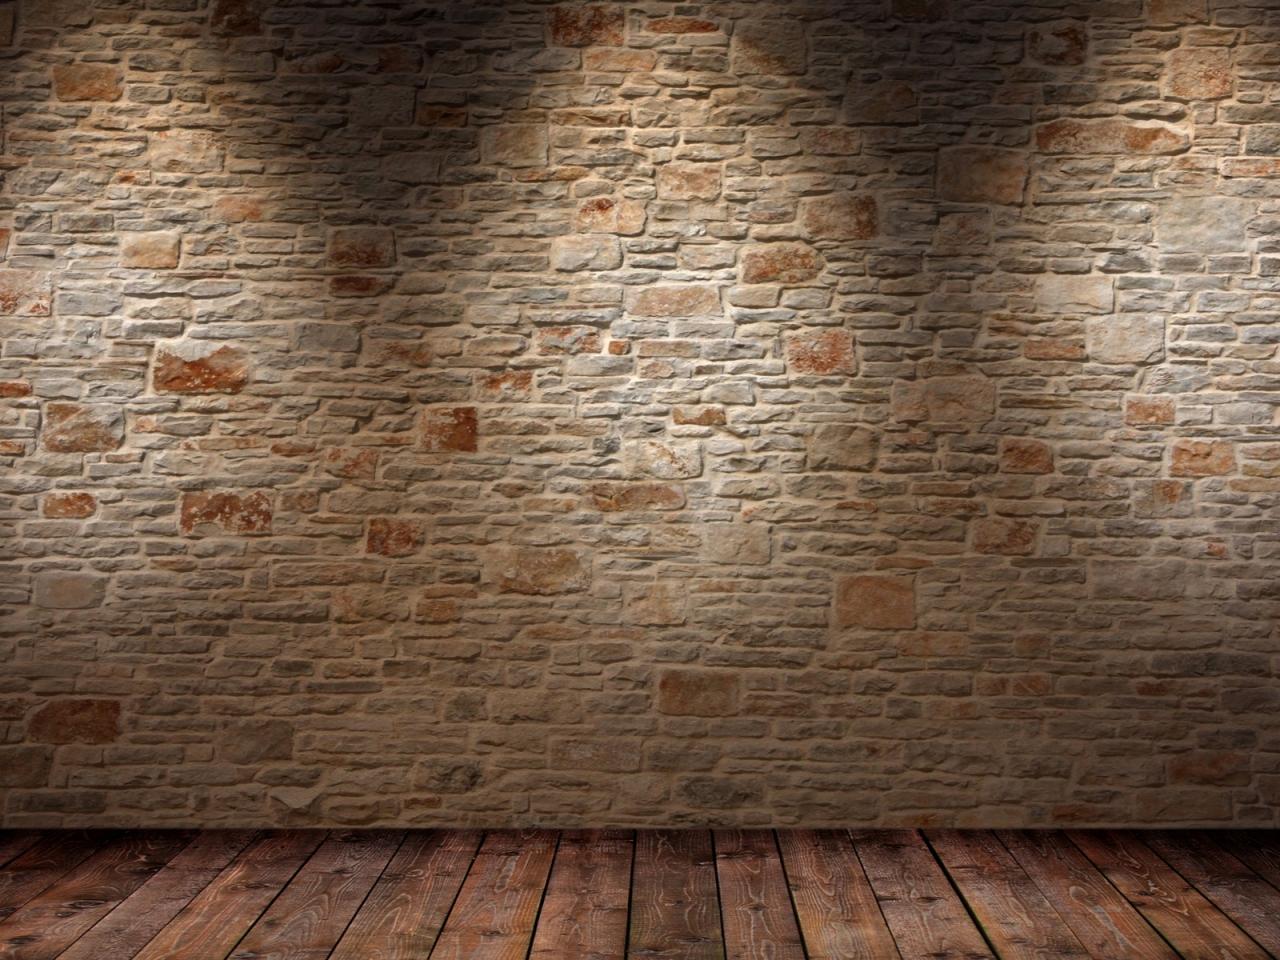 Ladrillo de piedra hd 1280x960 imagenes wallpapers - Ladrillos de piedra ...